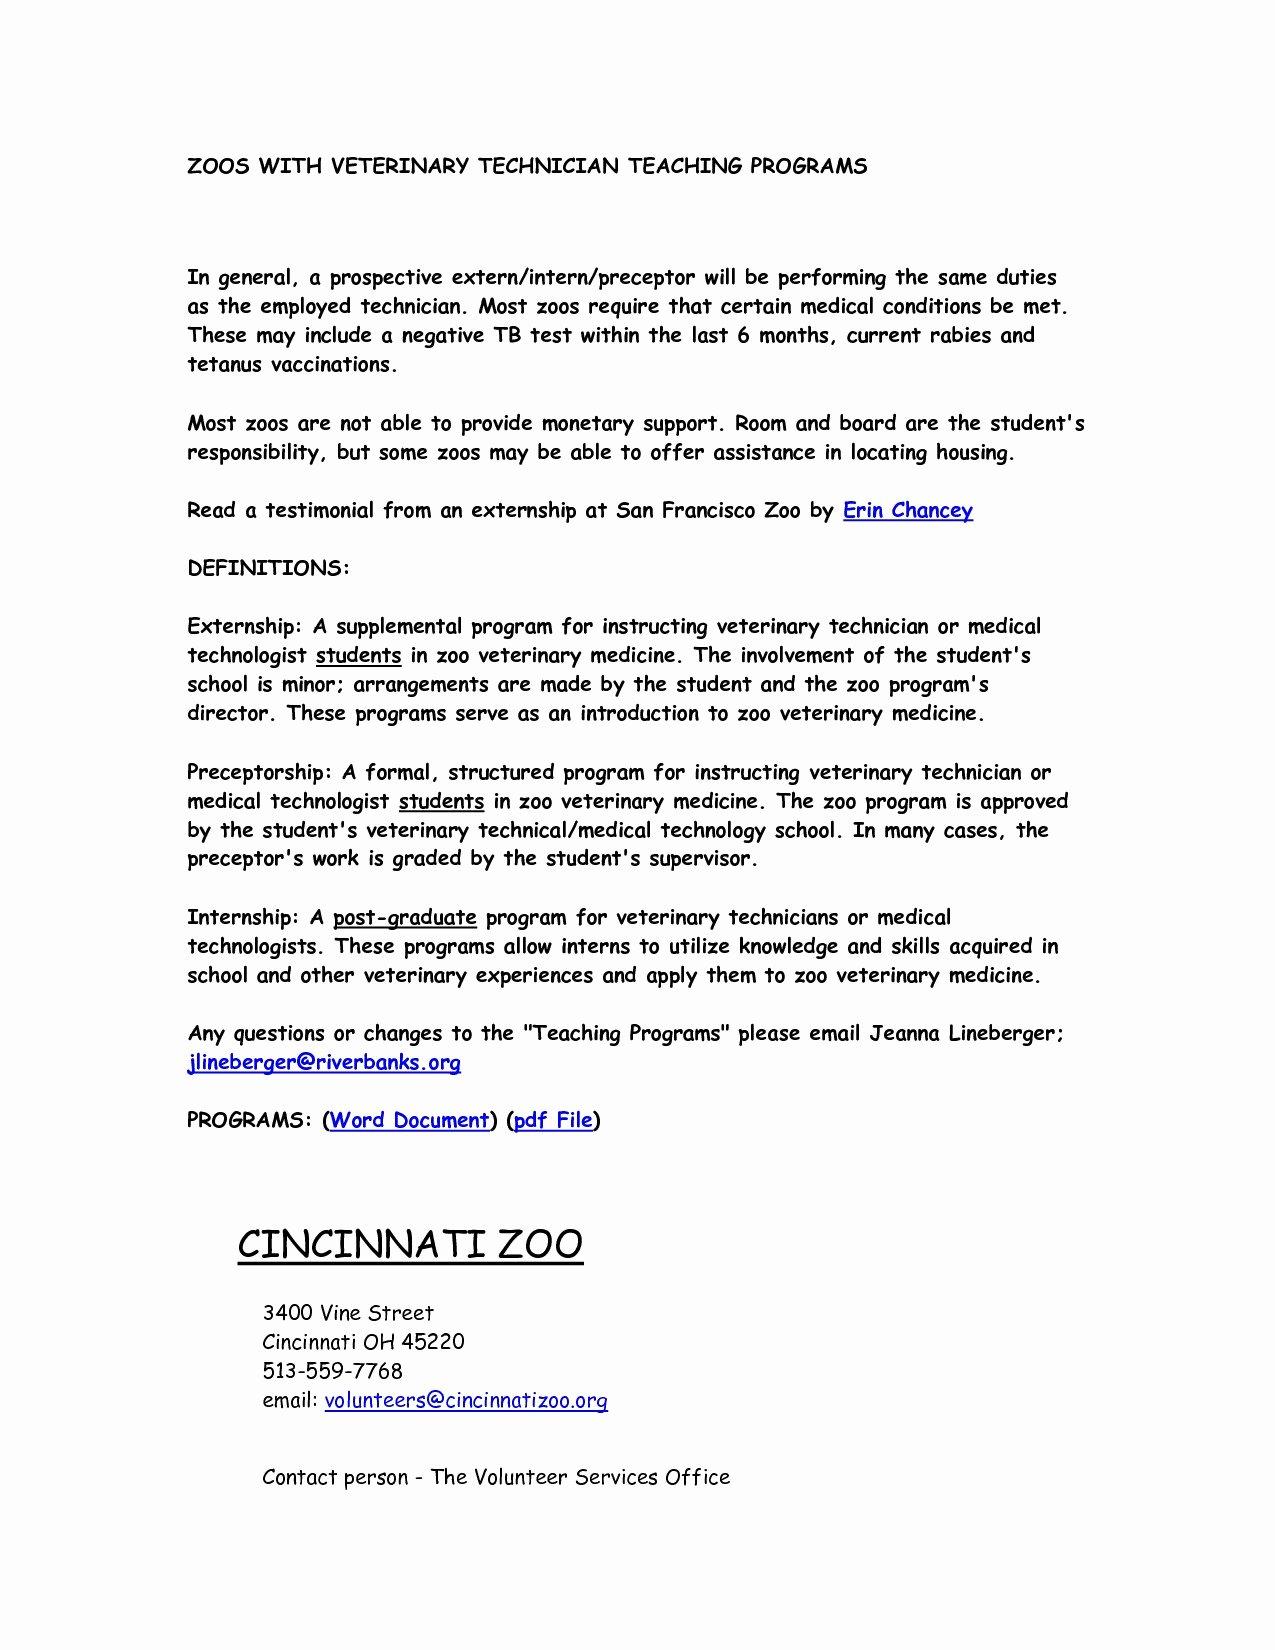 Vet assistant Cover Letter Enjoyable Design Ideas Vet Tech